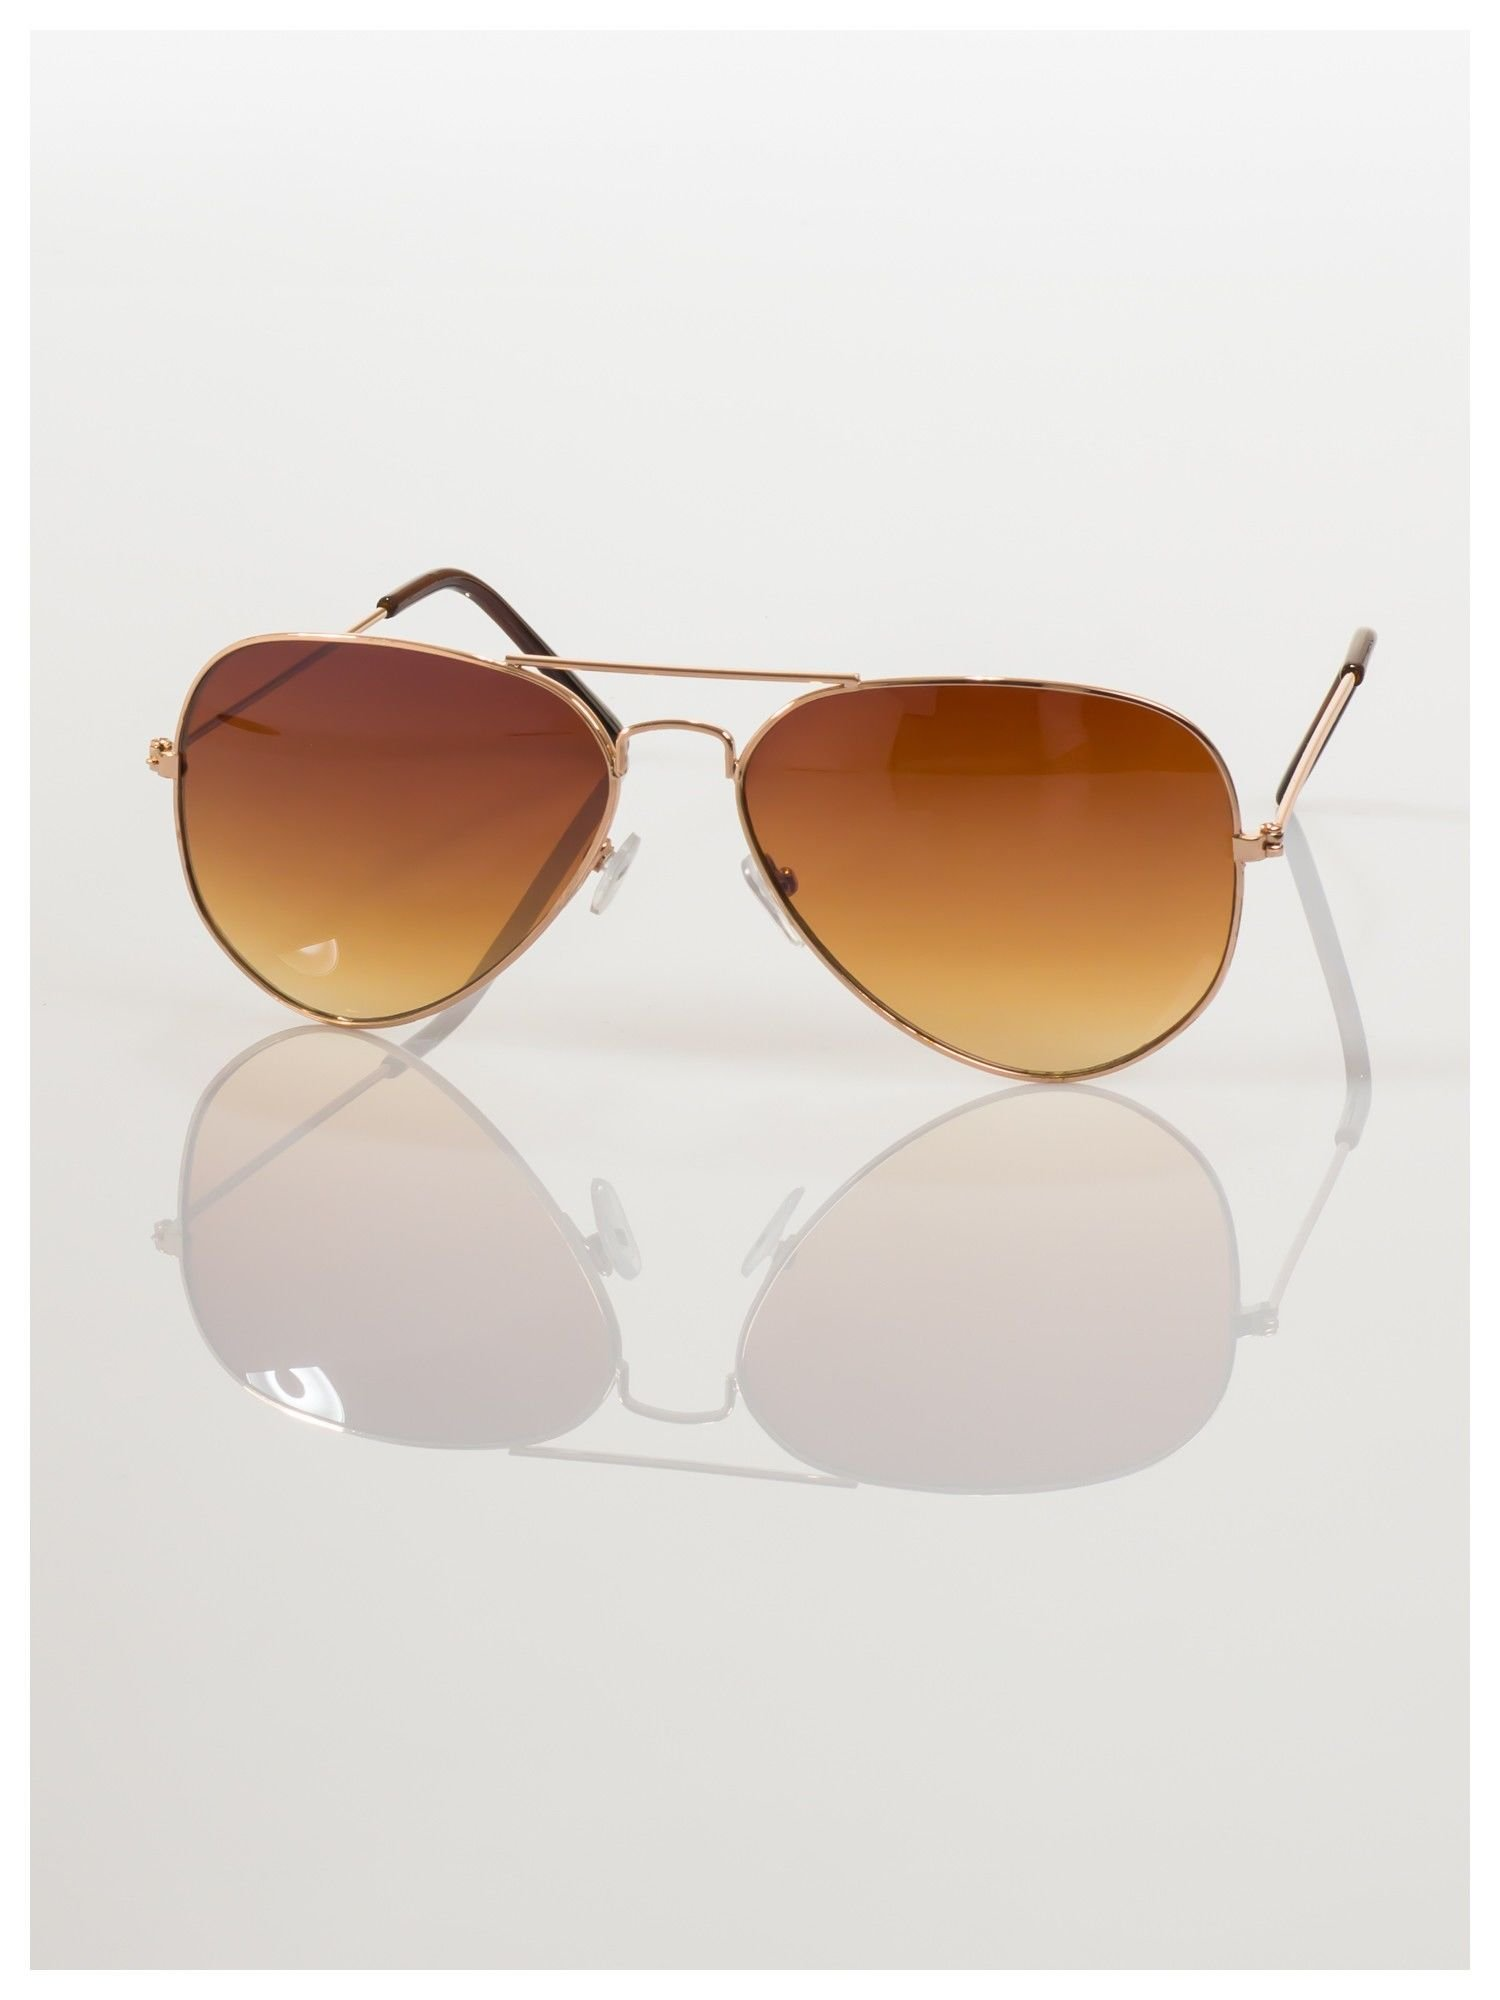 Przepiękne brązowe pilotki -okulary przeciwsłoneczne typu AVIATOR                                  zdj.                                  3